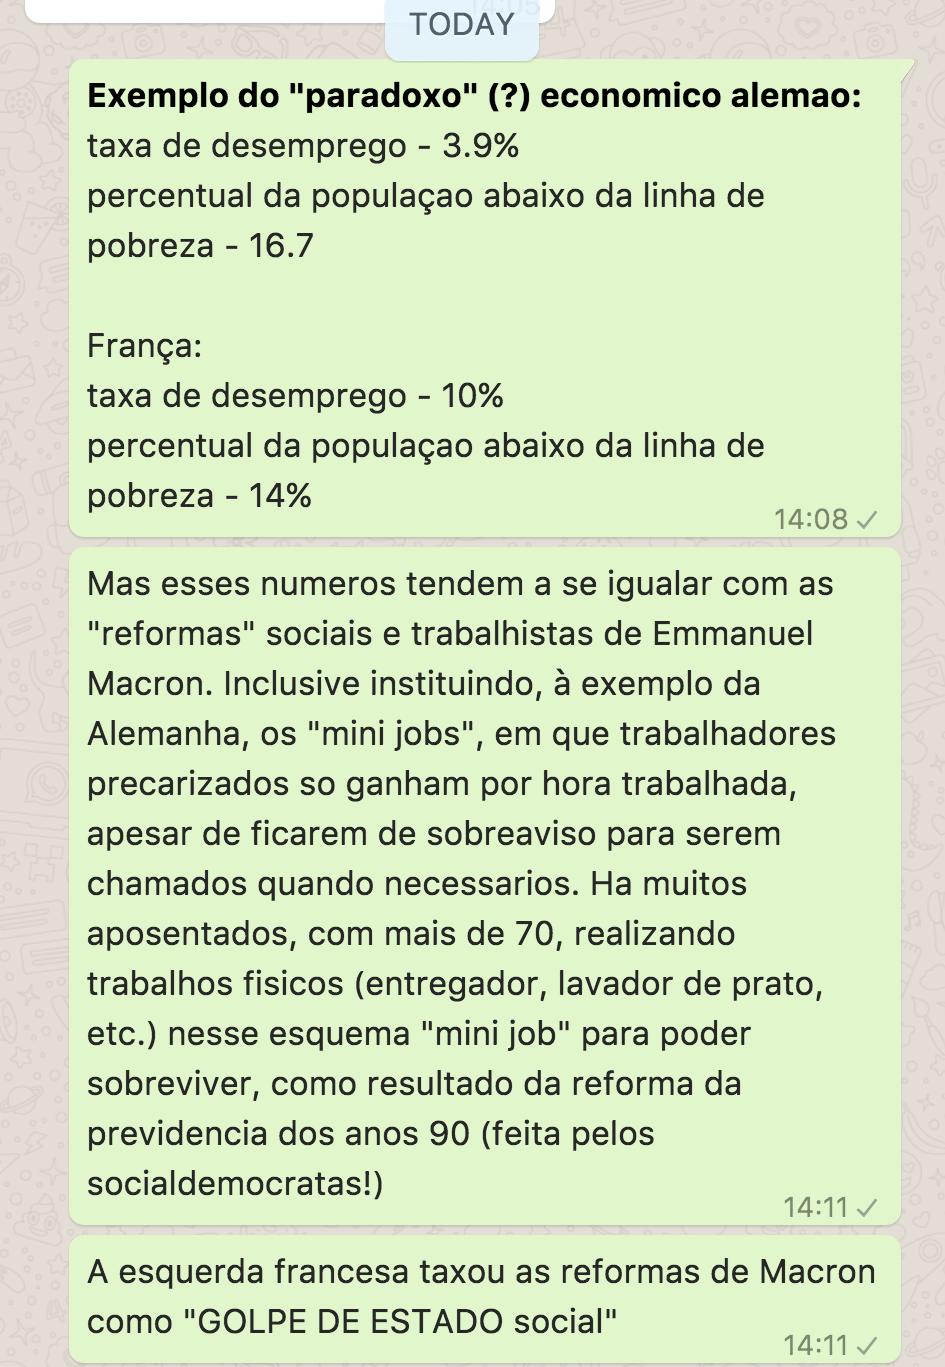 /Users/romulosoaresbrillo/Desktop/Screen Shot 2017-09-26 at 18.14.21.png